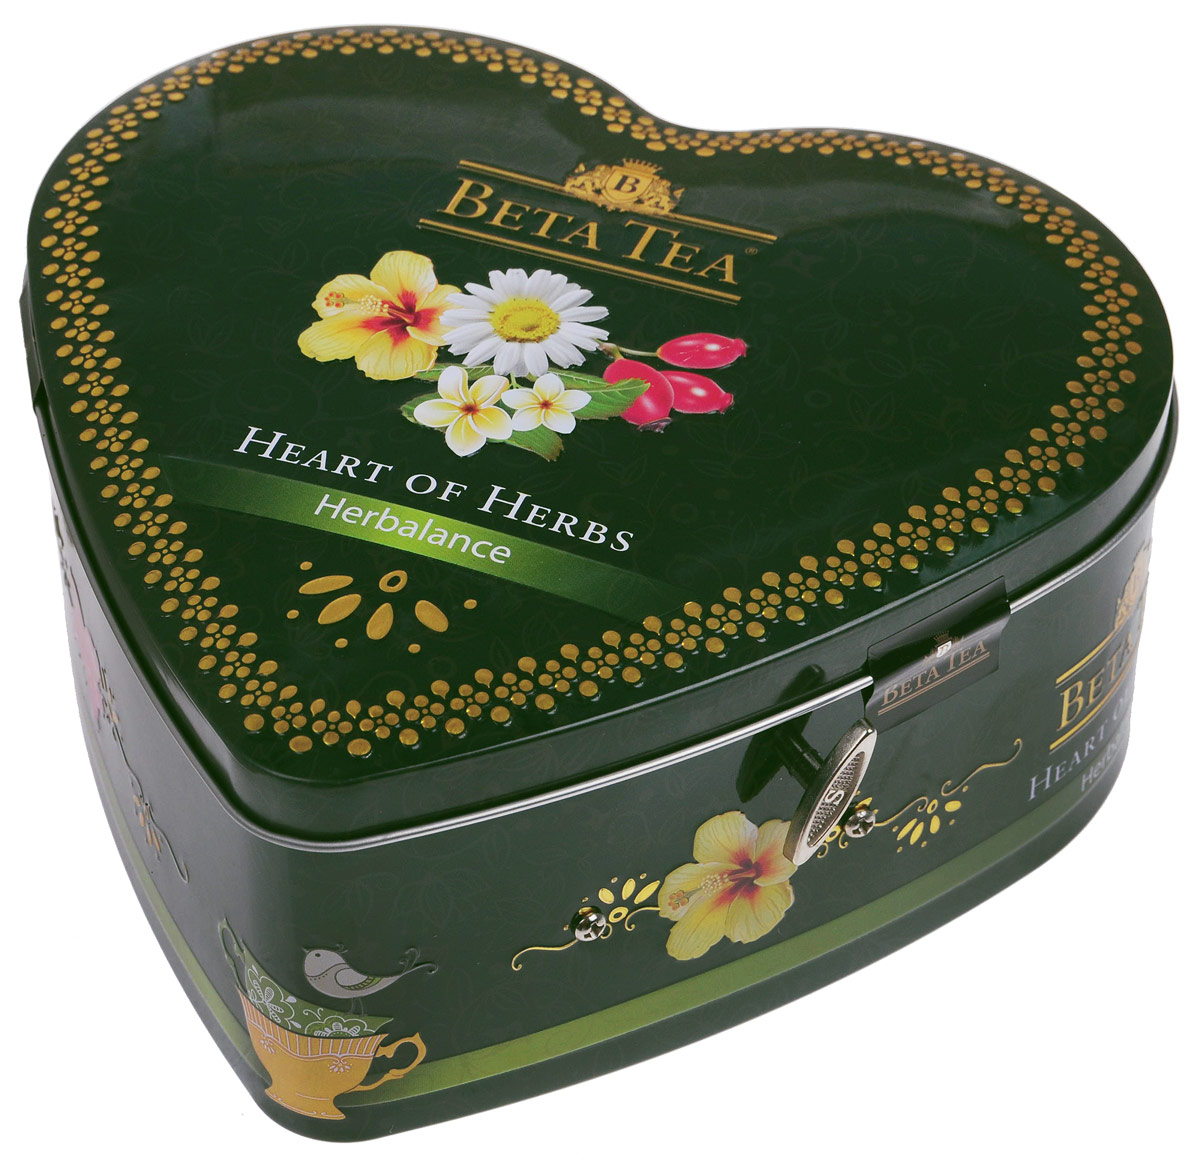 Beta Tea Травяной чай в пакетиках, 40 шт (музыкальная шкатулка)101246Сама природа подарила нам чайный набор Бета Травяной. Необычайно мягкие, бесконечно длящиеся вкусы чая Бета Травяной являются прекрасным средством профилактики от стресса. С каждым глотком сила чая дает ощущение блаженного спокойствия и душевного равновесия.В состав входят:Бета Чай Травяная композиция с ромашкой. 10 пакетиков по 1,5 г.Бета Чай Травяная композиция с шиповником. 10 пакетиков по 2 г.Бета Чай Травяная композиция Слимфит. 10 пакетиков по 2 г.Бета Чай Травяная композиция с каркадэ. 10 пакетиков по 2 г.